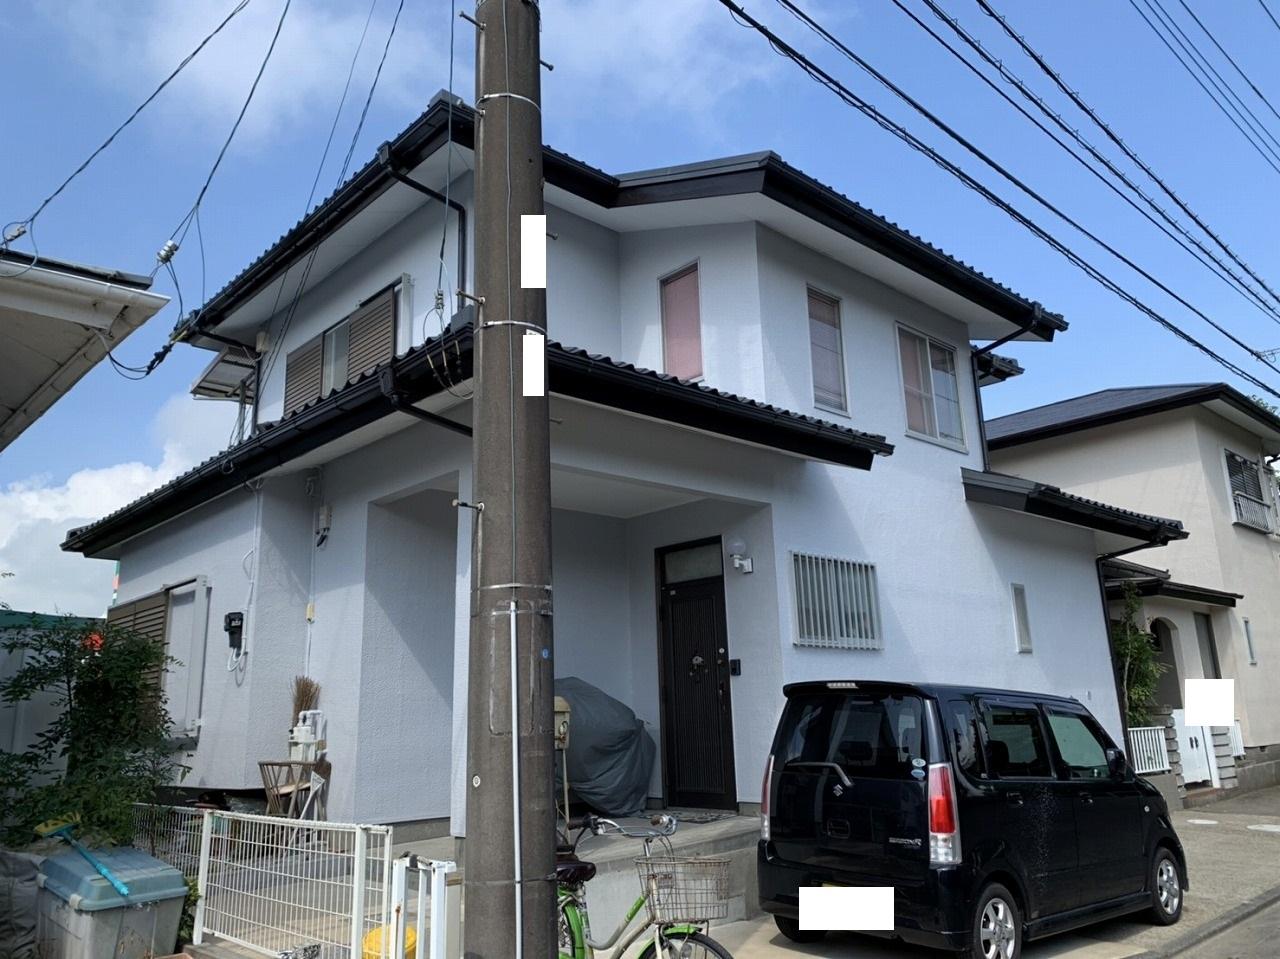 千葉県印旛郡O様邸 外壁塗装工事が完成しました!